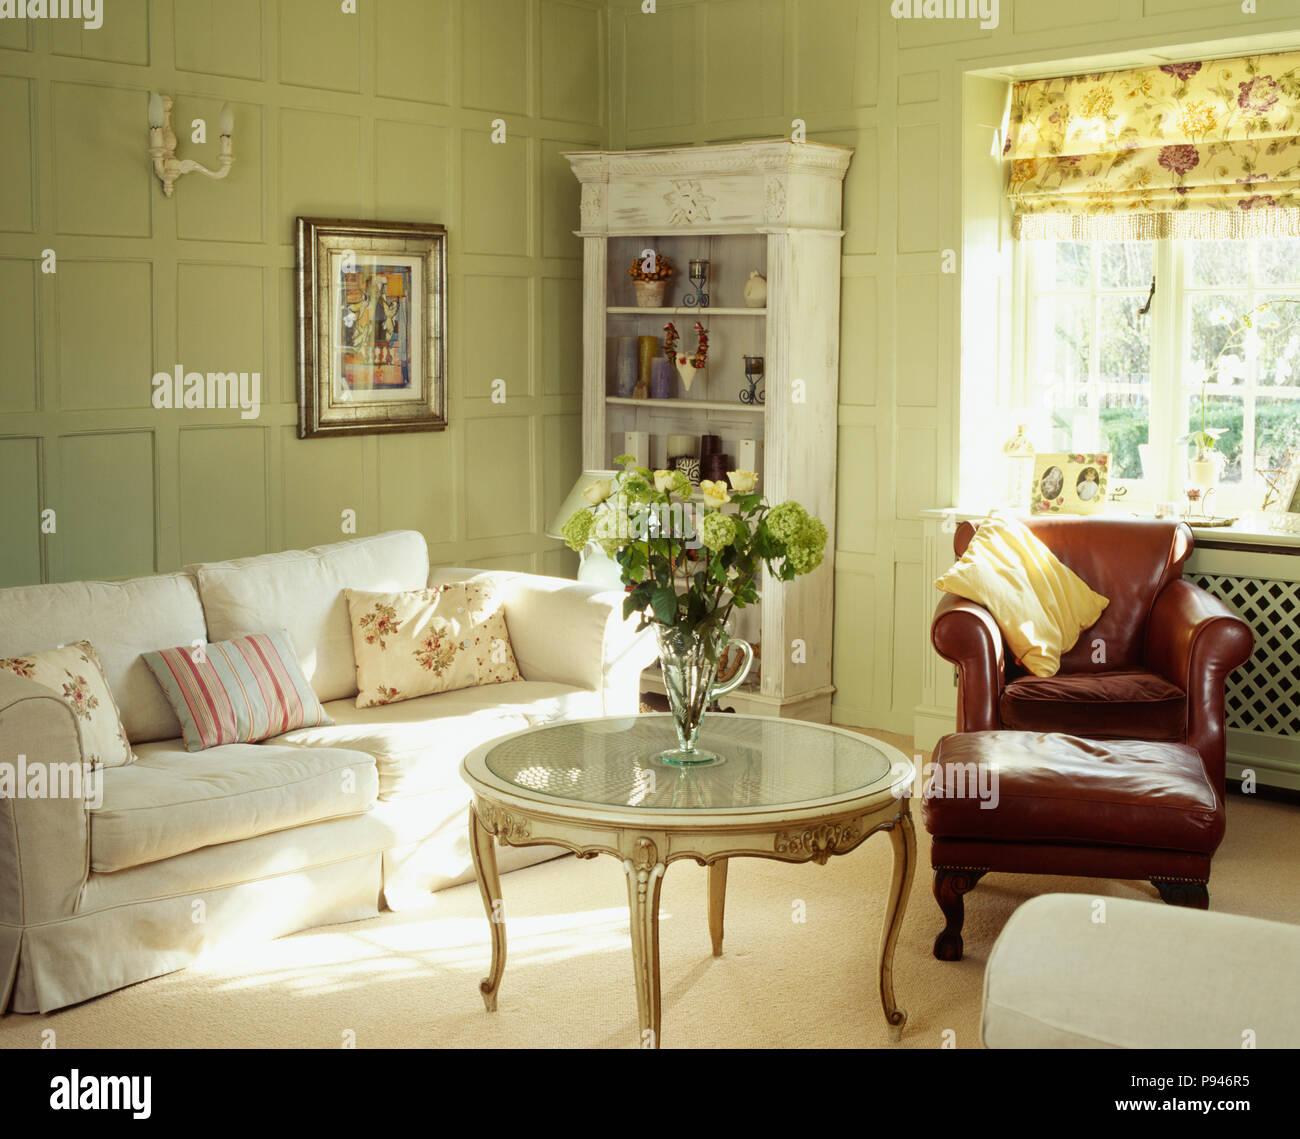 Hervorragend Weiß Sofa In Pastellgrün Getäfelten Land Wohnzimmer